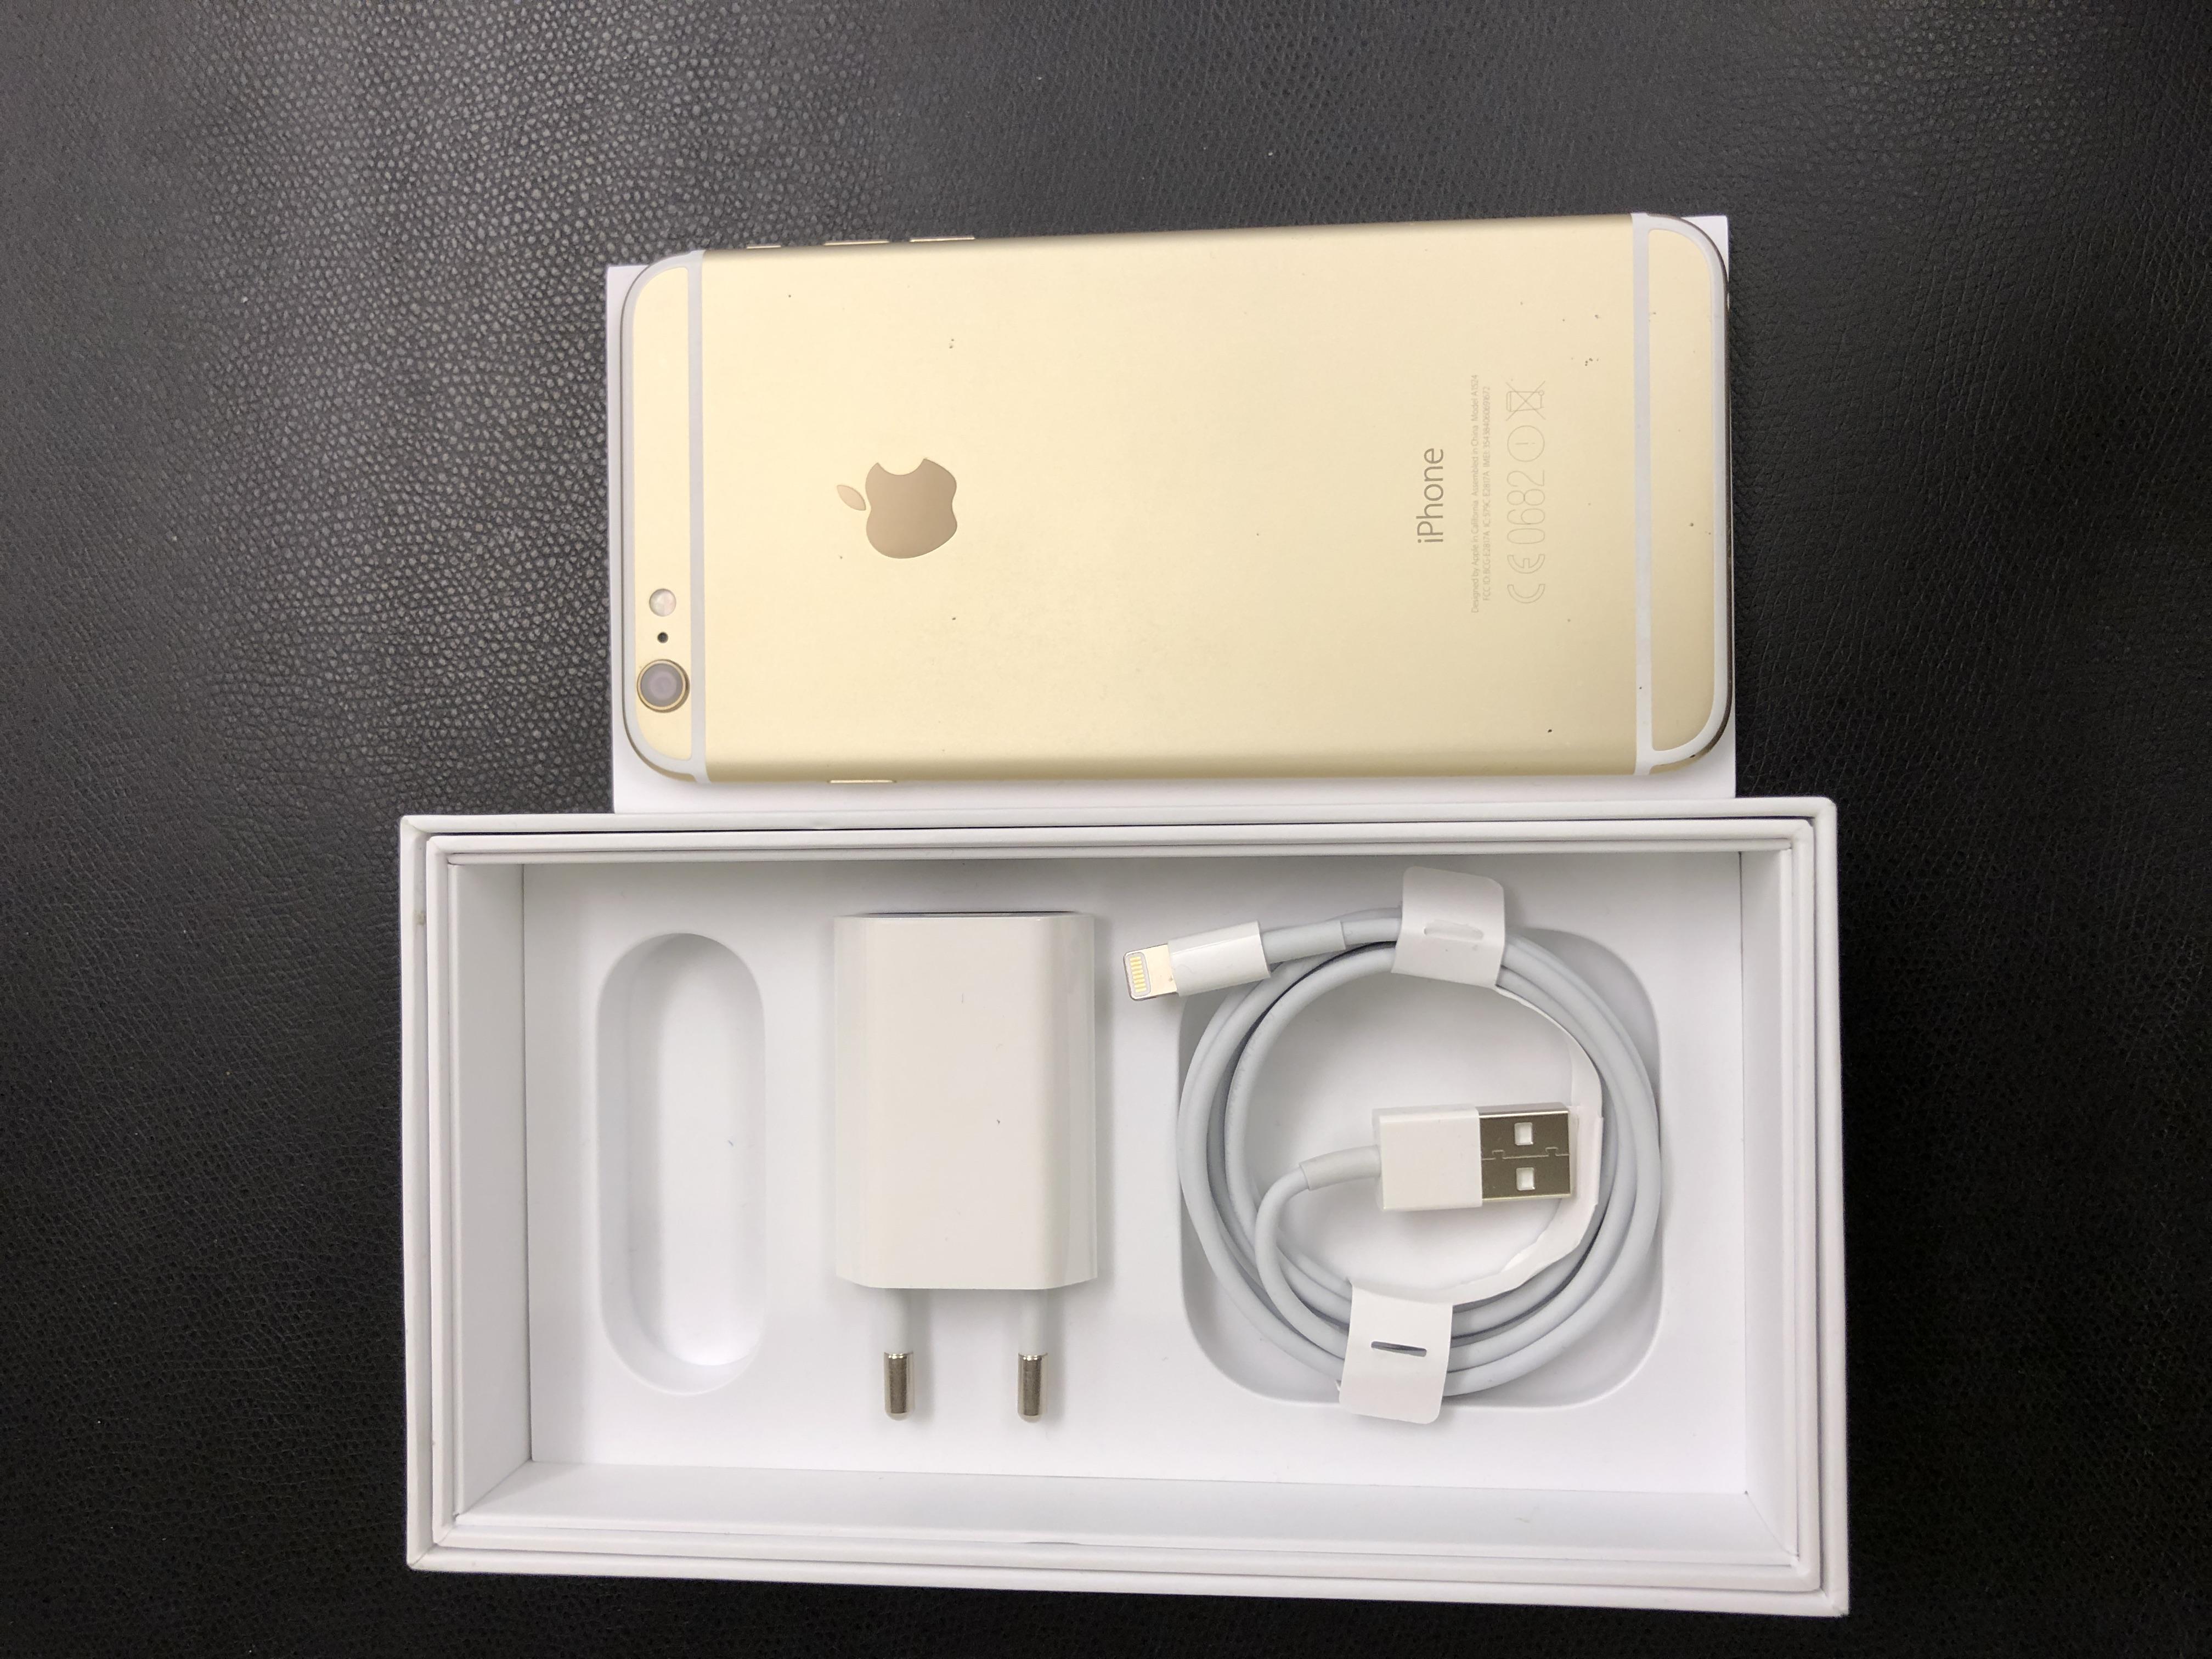 iPhone 6 Plus 16GB, 16GB, Gold, Afbeelding 1